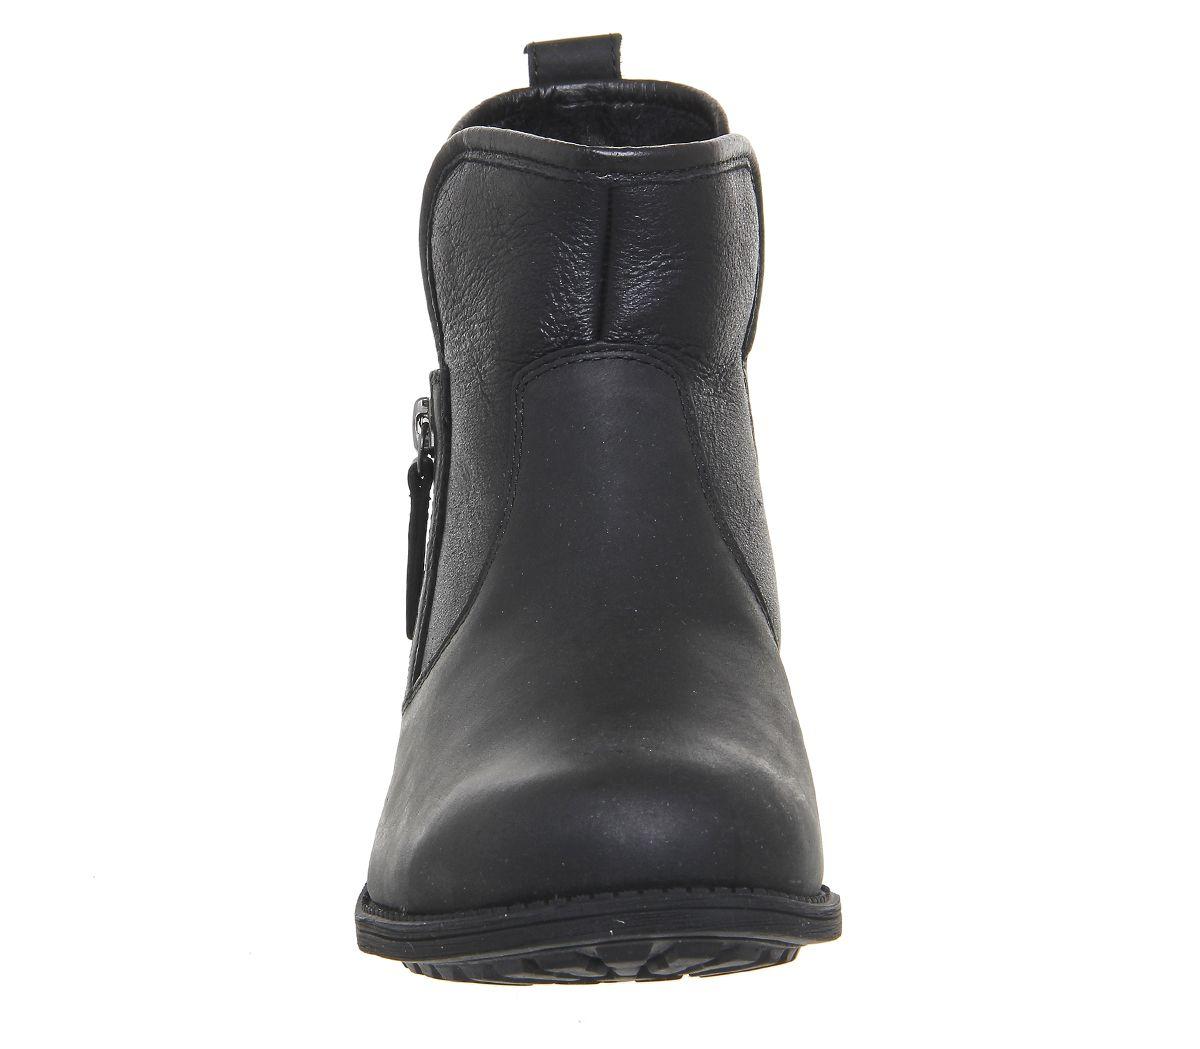 468dd1cbca7 Lavelle Zip Boots